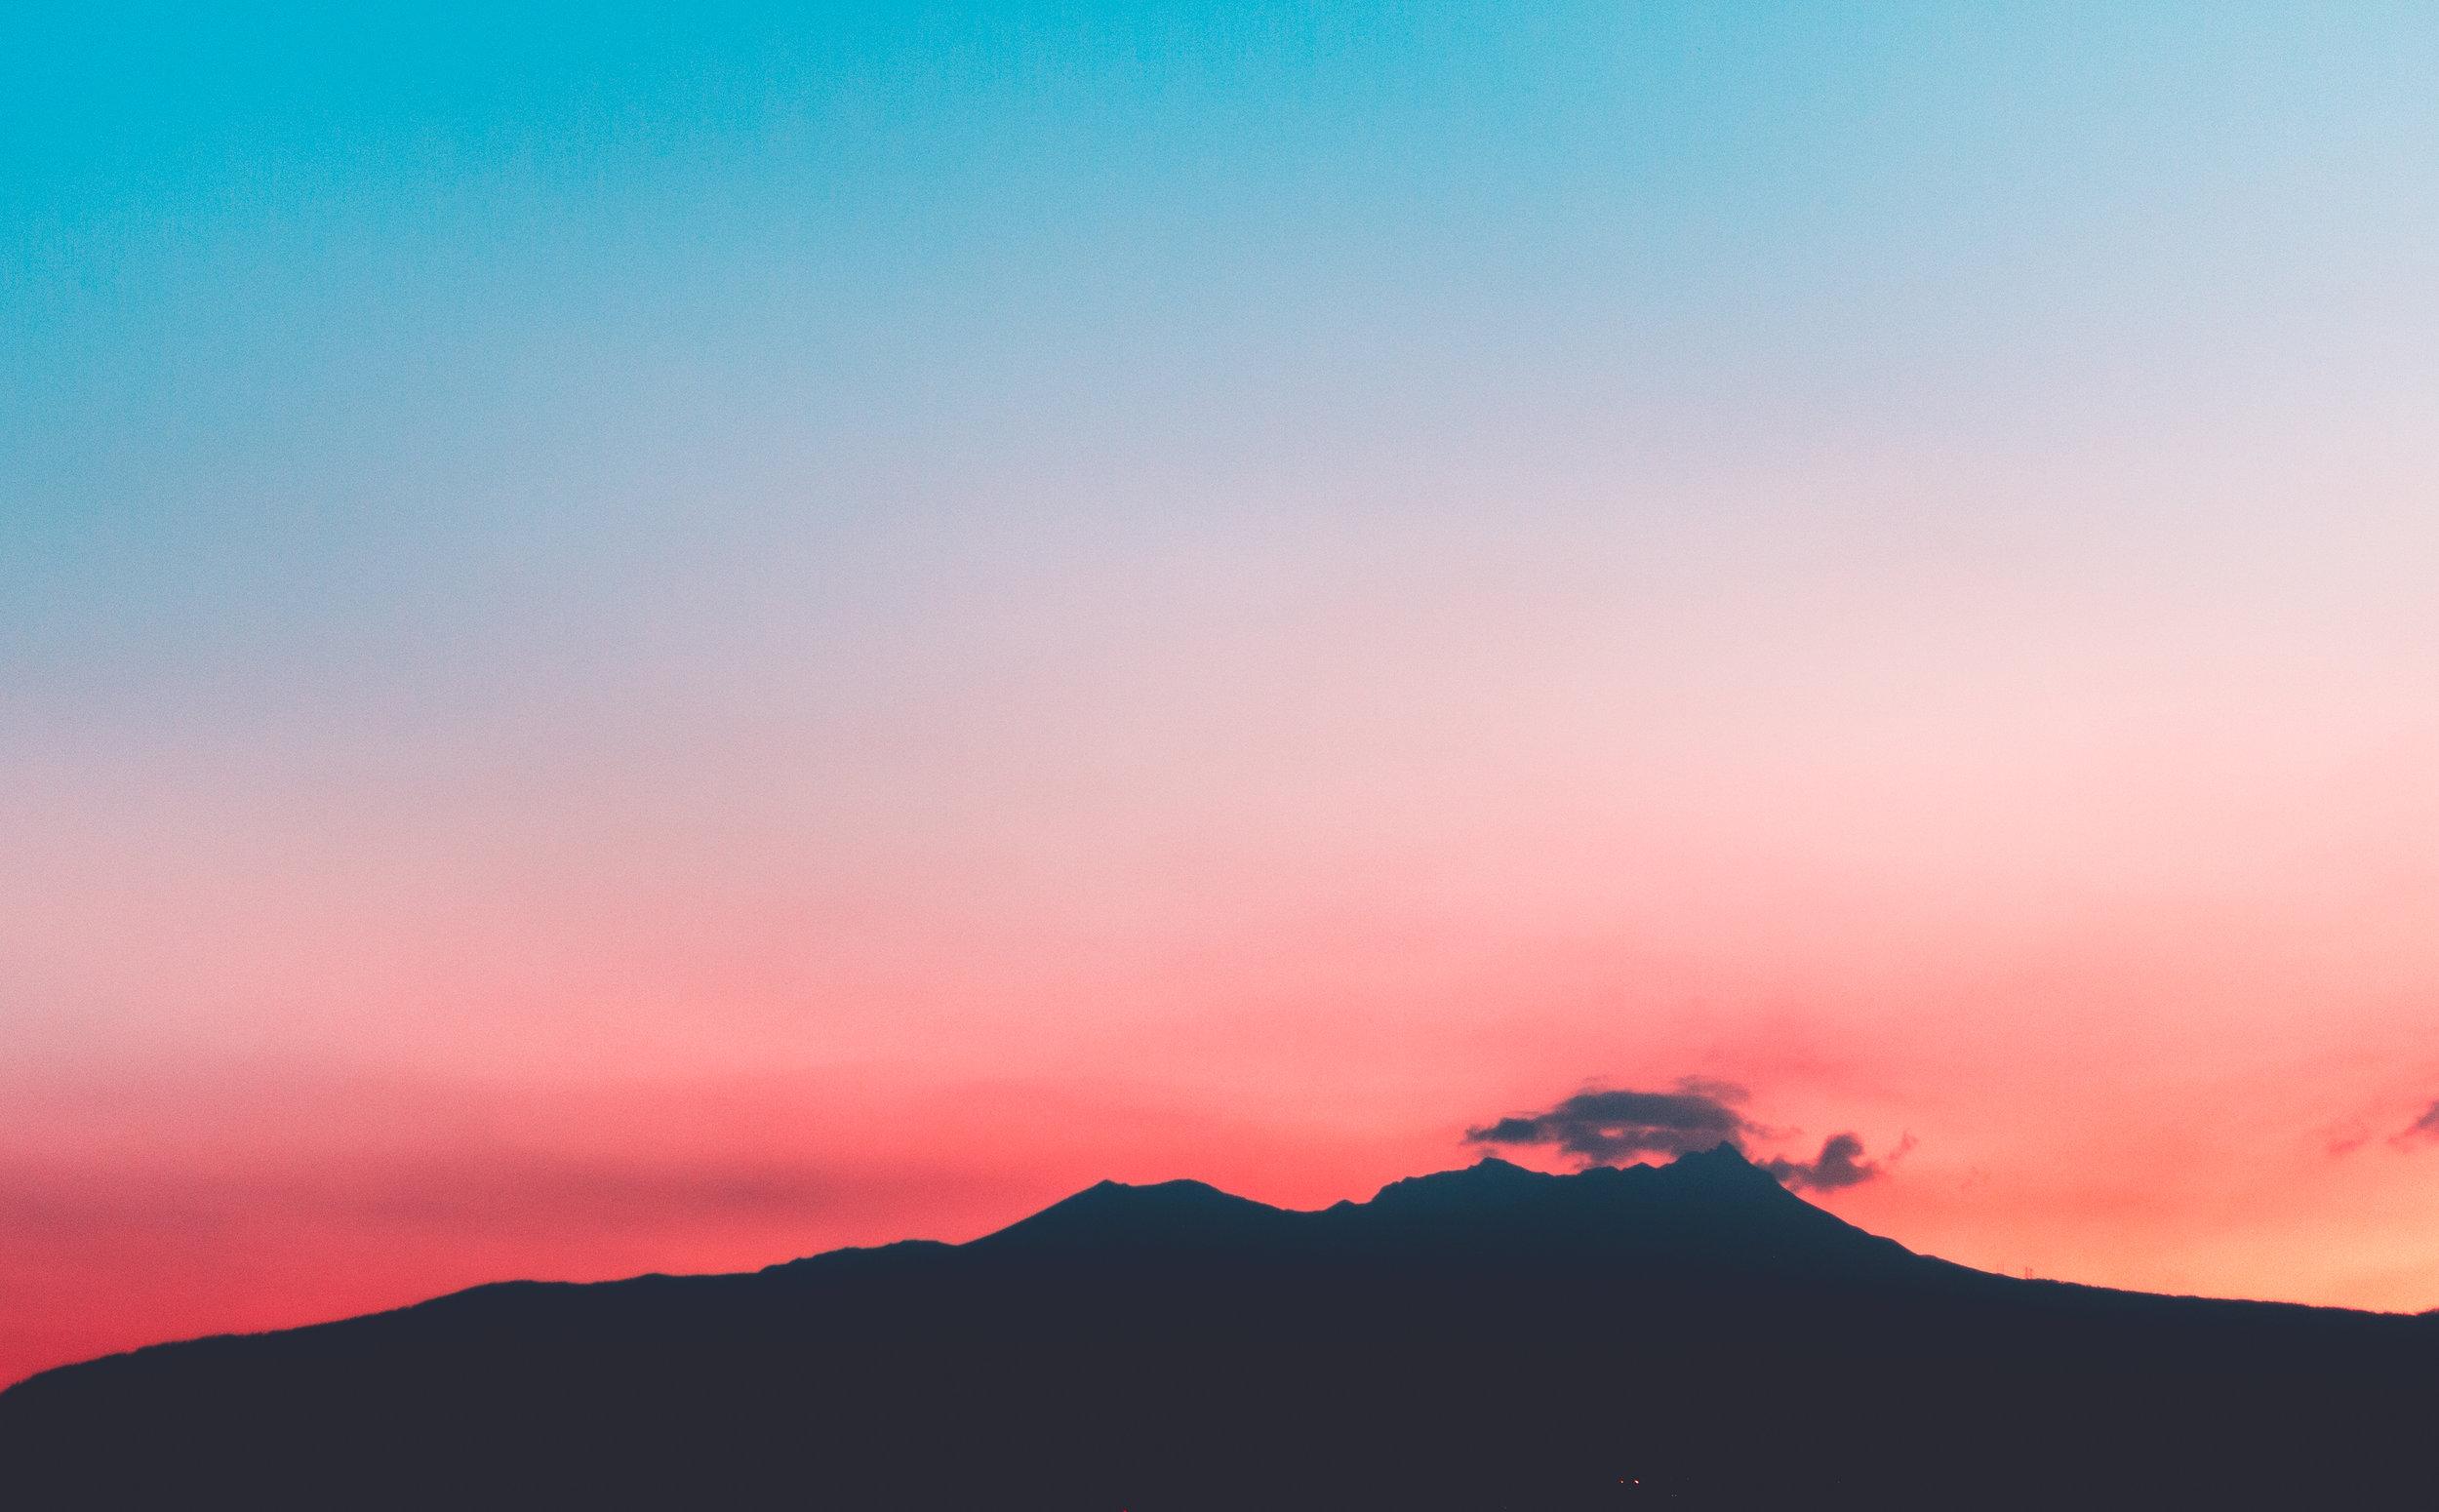 May 12, 2019 - Sermon - Doug Allison